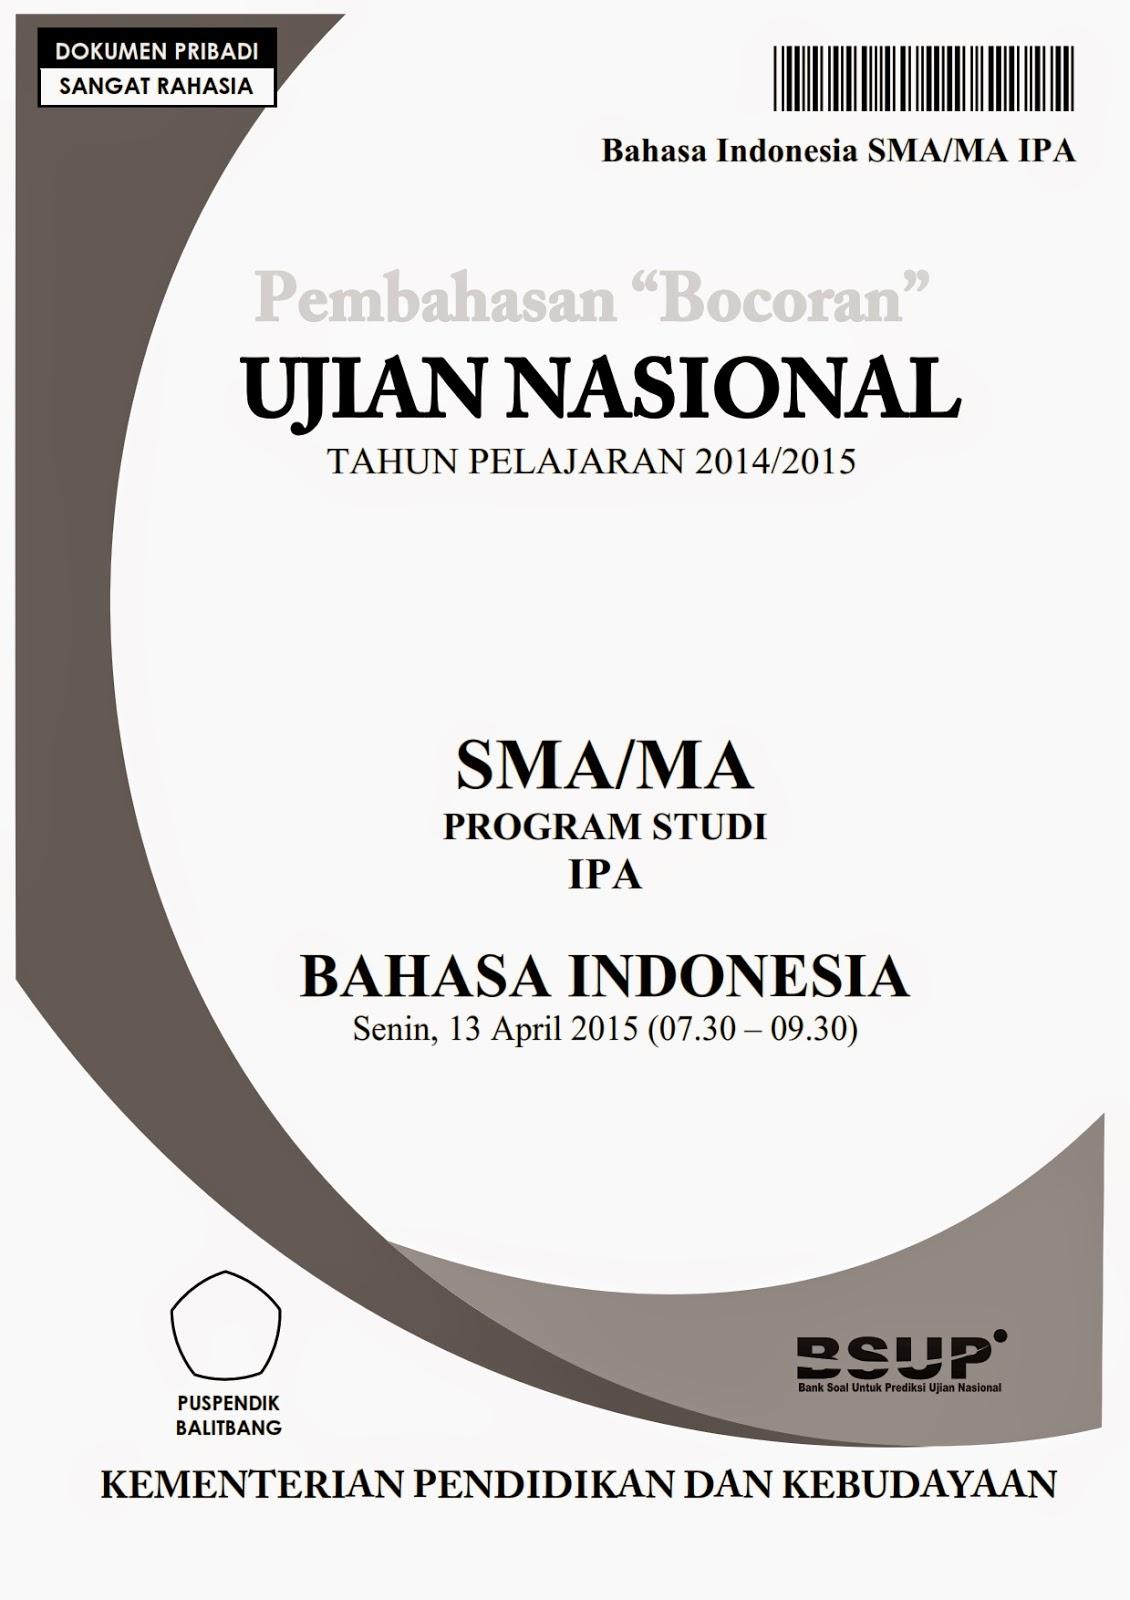 Soal Un Bahasa Indonesia Sma Dan Pembahasannya : bahasa, indonesia, pembahasannya, Berbagi, Belajar:, Pembahasan,